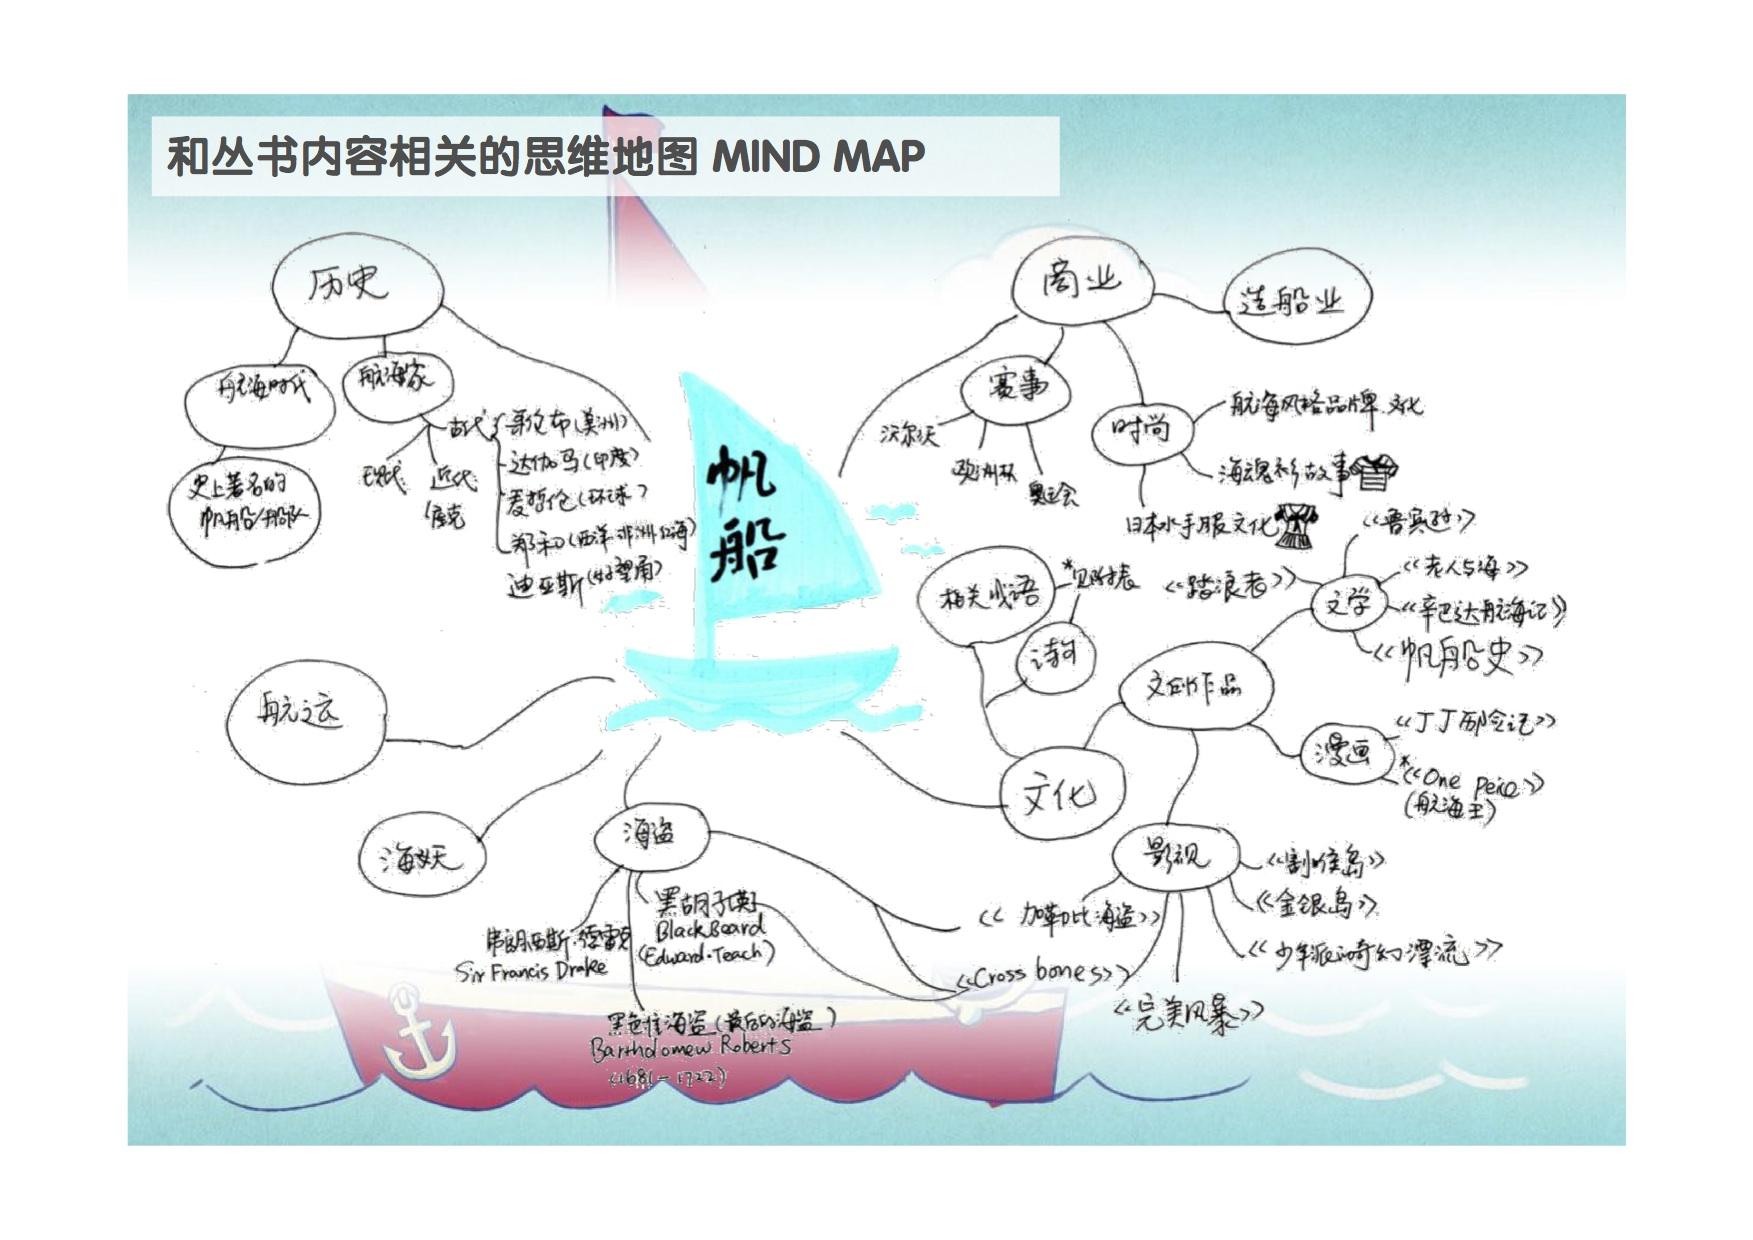 徐莉佳,帆船 一起来支持徐莉佳帆船漫画系列书 绘本帆船创作企划案22.jpg